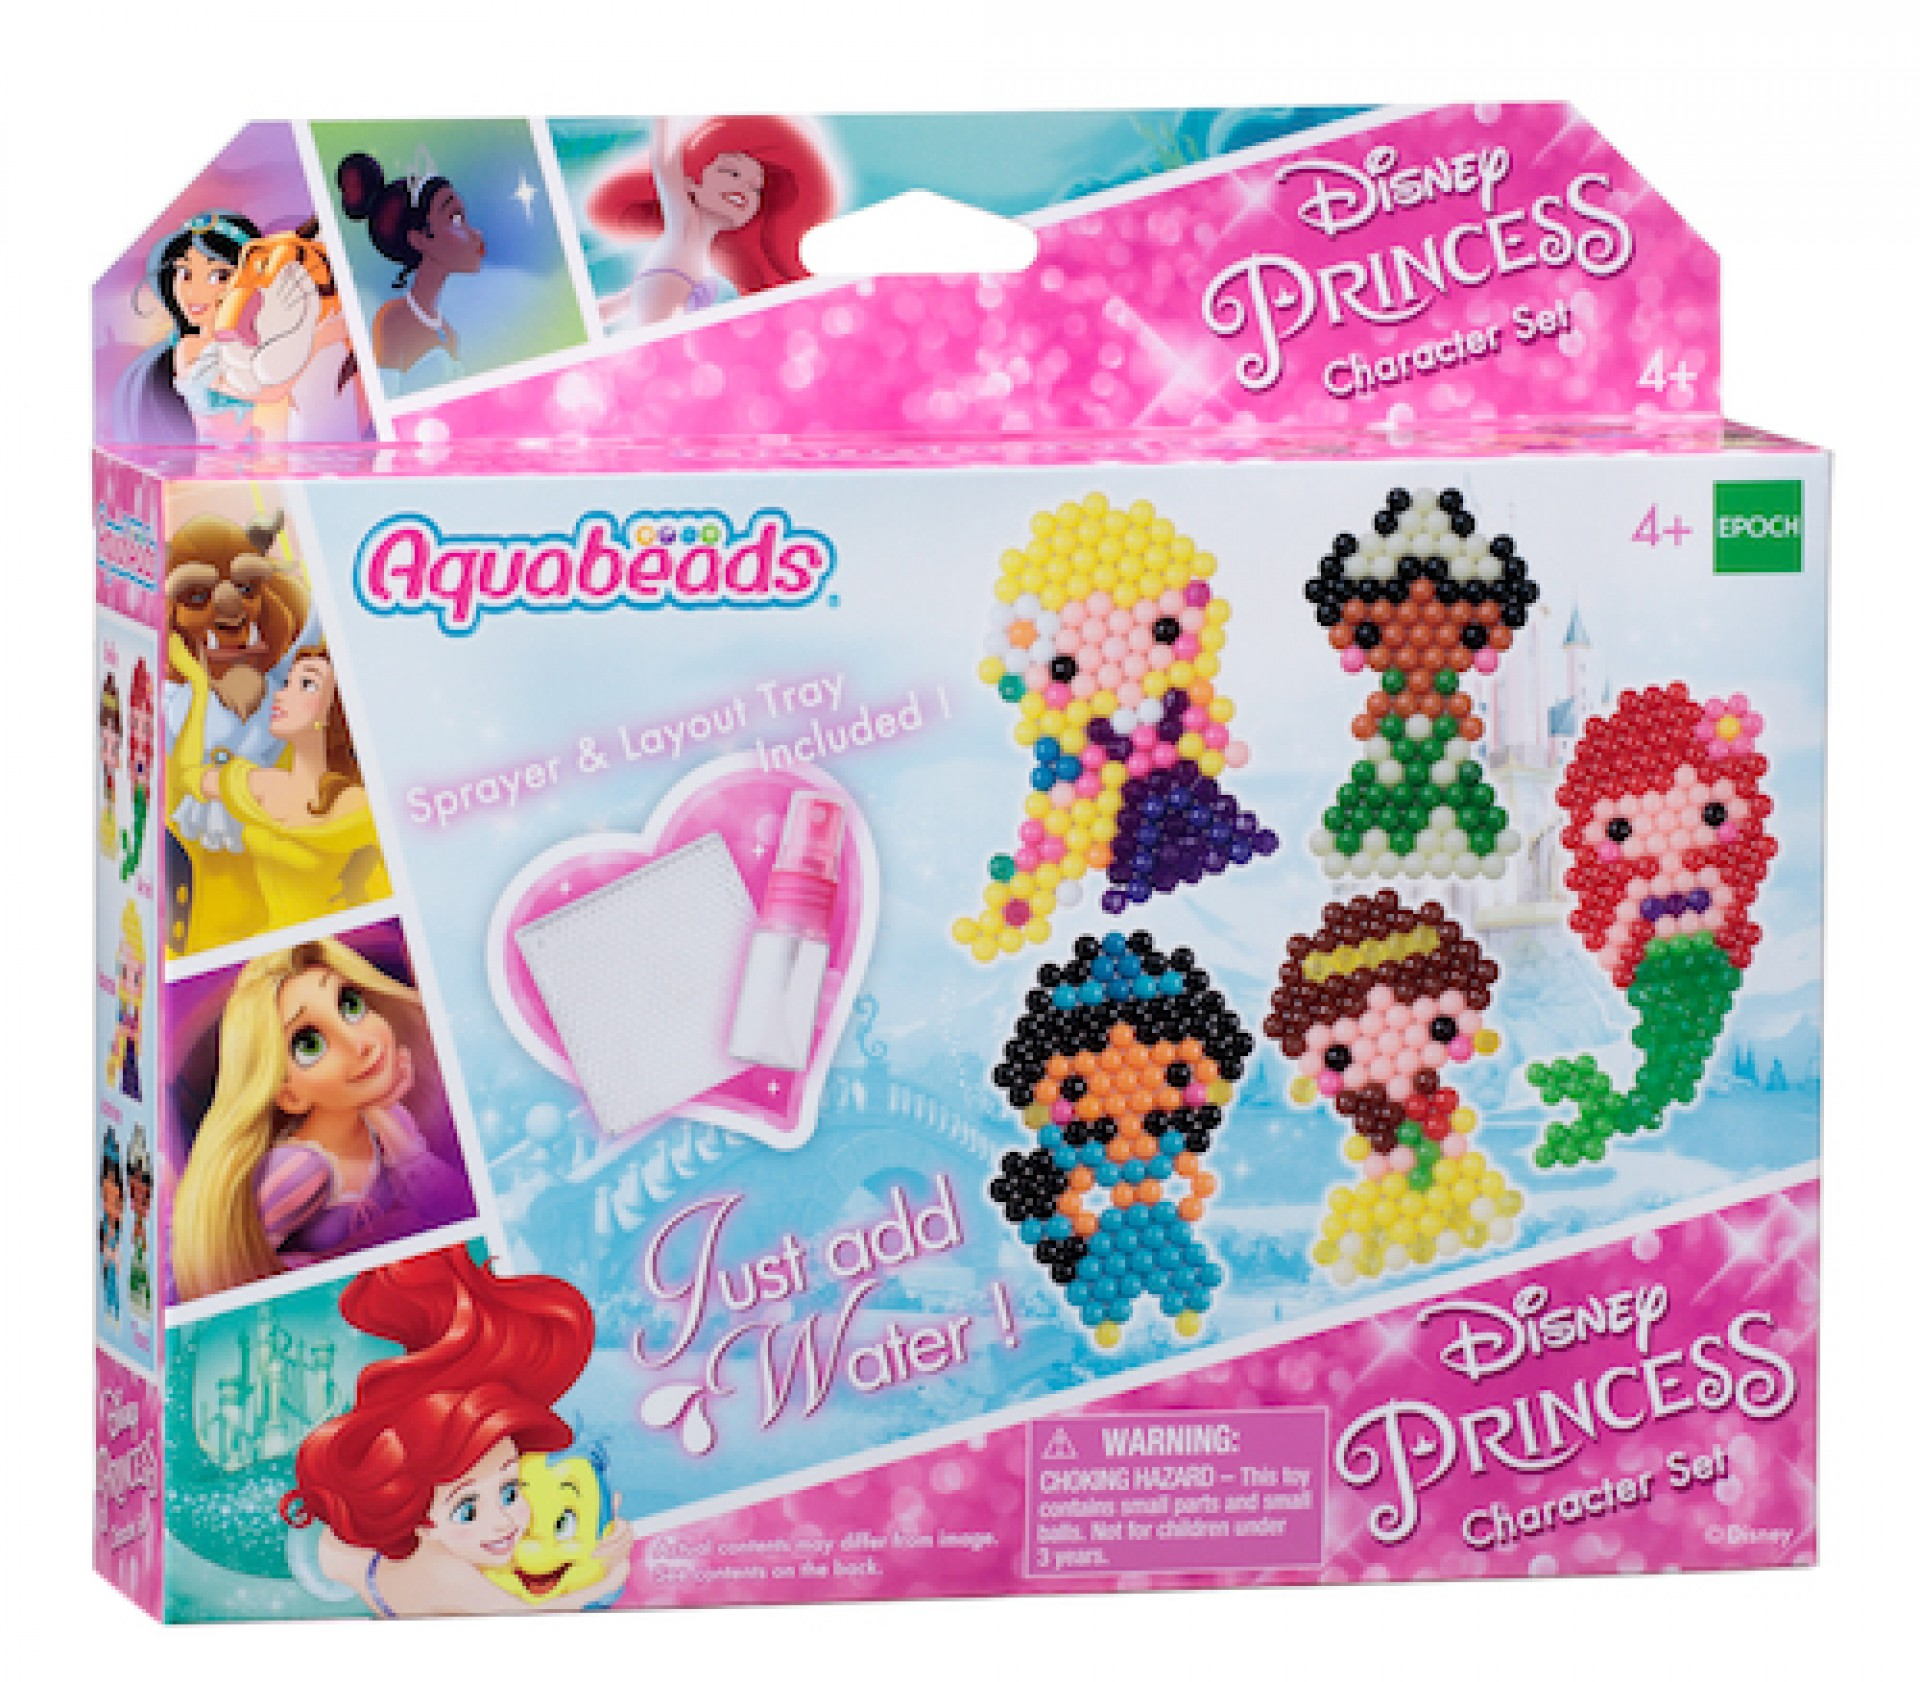 Alle Bedrijven Online Disney Princess Jasmine Pagina 1